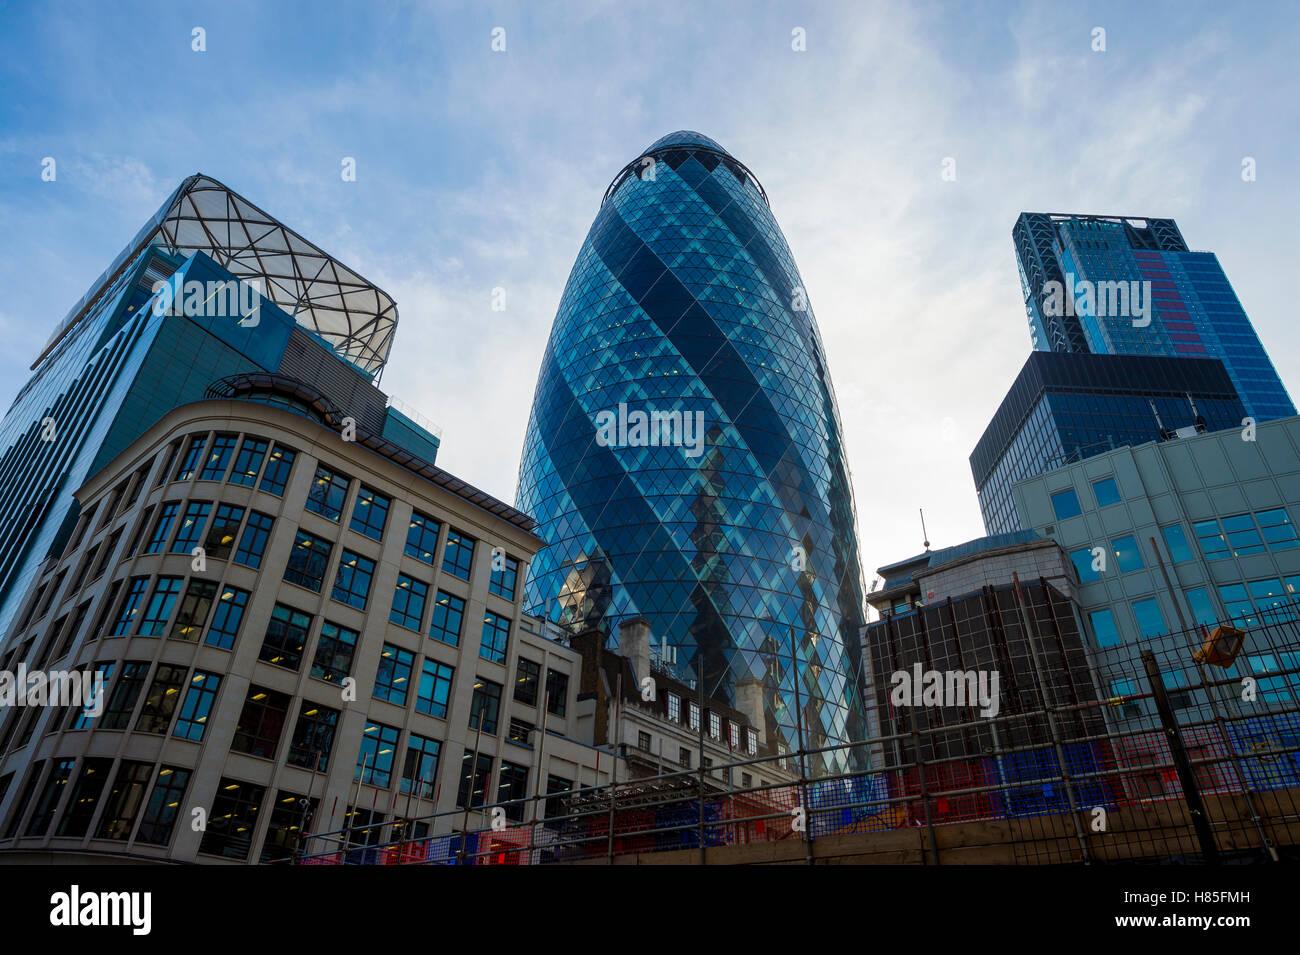 Londra - 3 Novembre 2016: forma distintiva del Gherkin edificio domina lo skyline della città mentre nuovi Immagini Stock